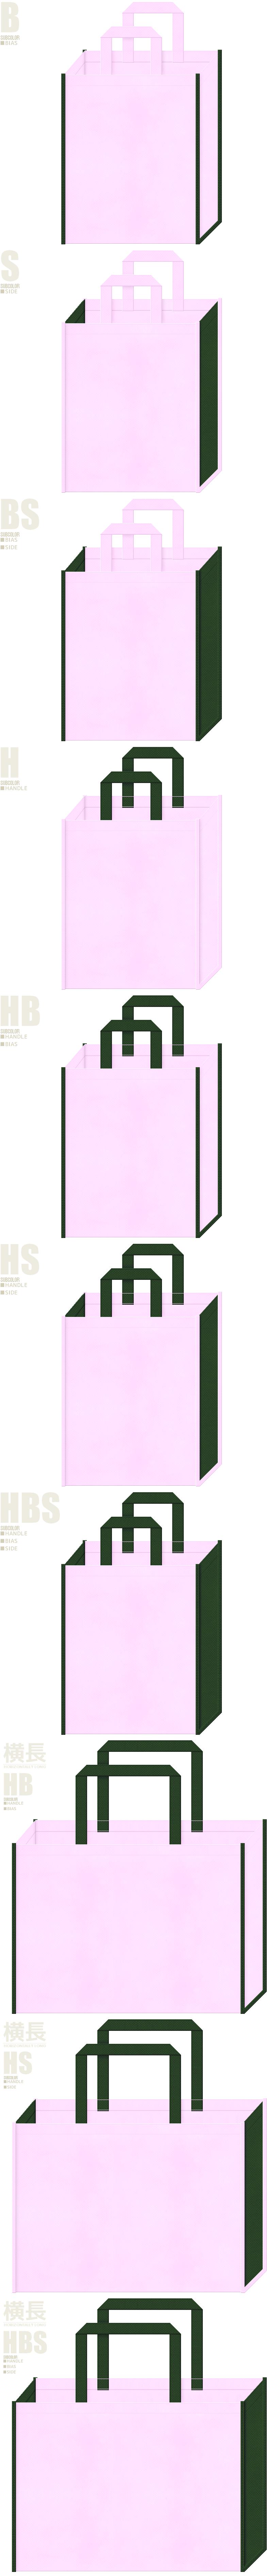 学校・学園・オープンキャンパス・振袖・卒業・桜・メモリー・写真館・和風催事にお奨めの不織布バッグのデザイン:明るいピンク色と濃緑色の配色7パターン